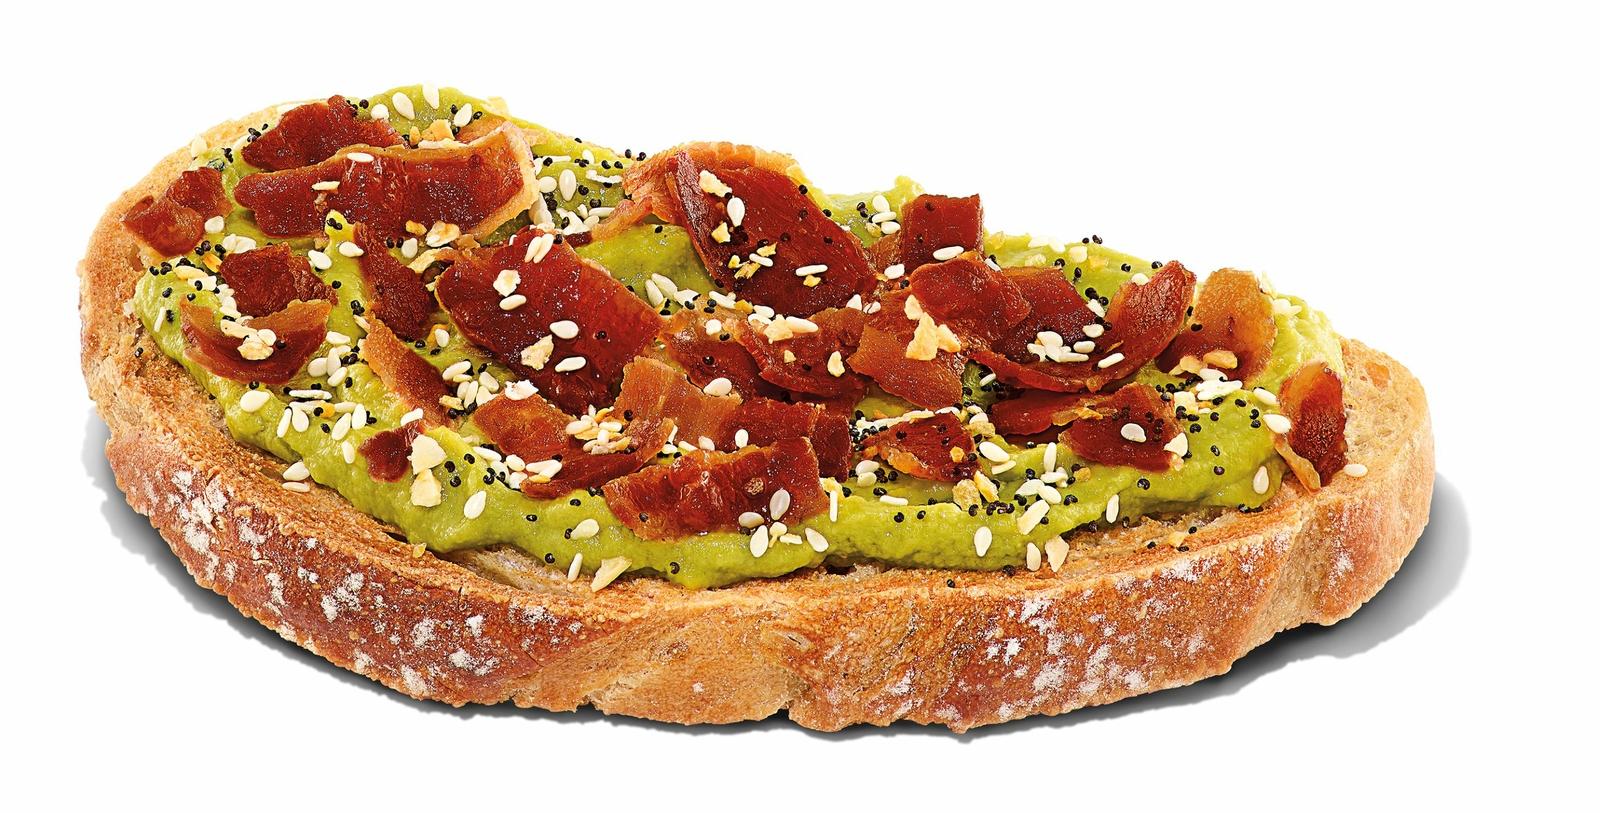 Bacon Topped Avocado Toast